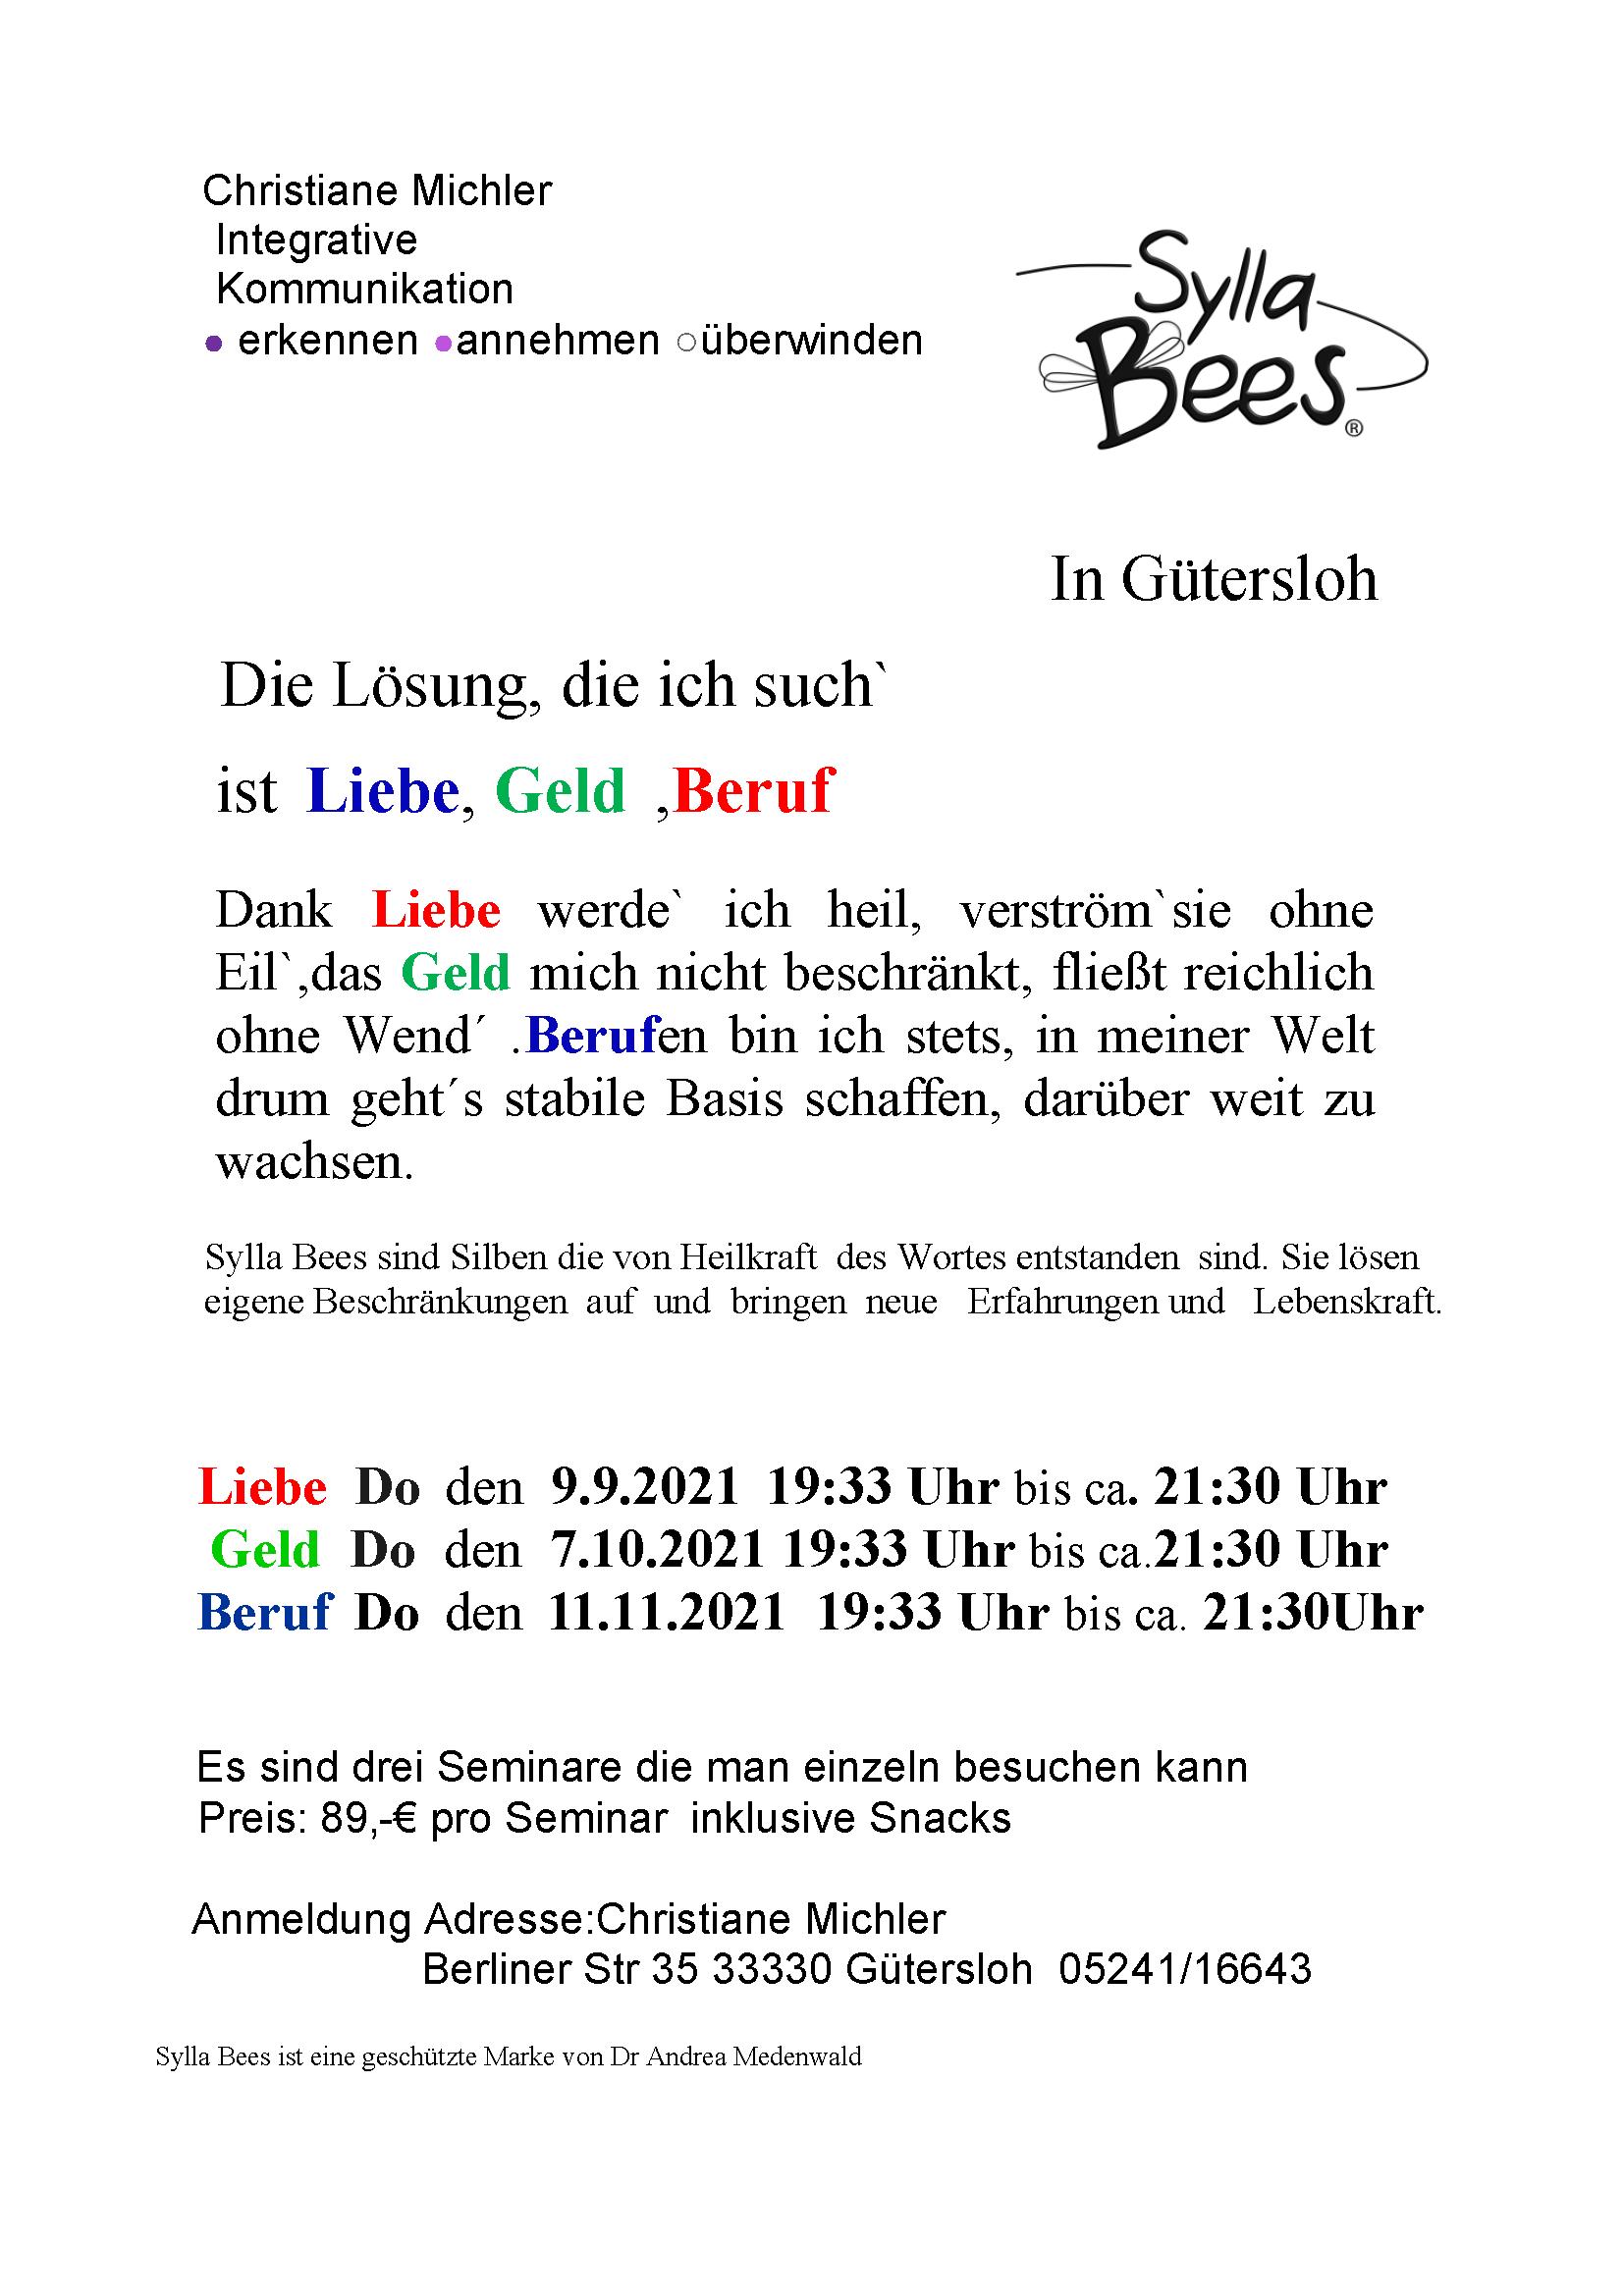 Sylla-Bees Seminare in Gütersloh • Chancen erkennen, Realisierung gestalten, Kraft stabilisieren